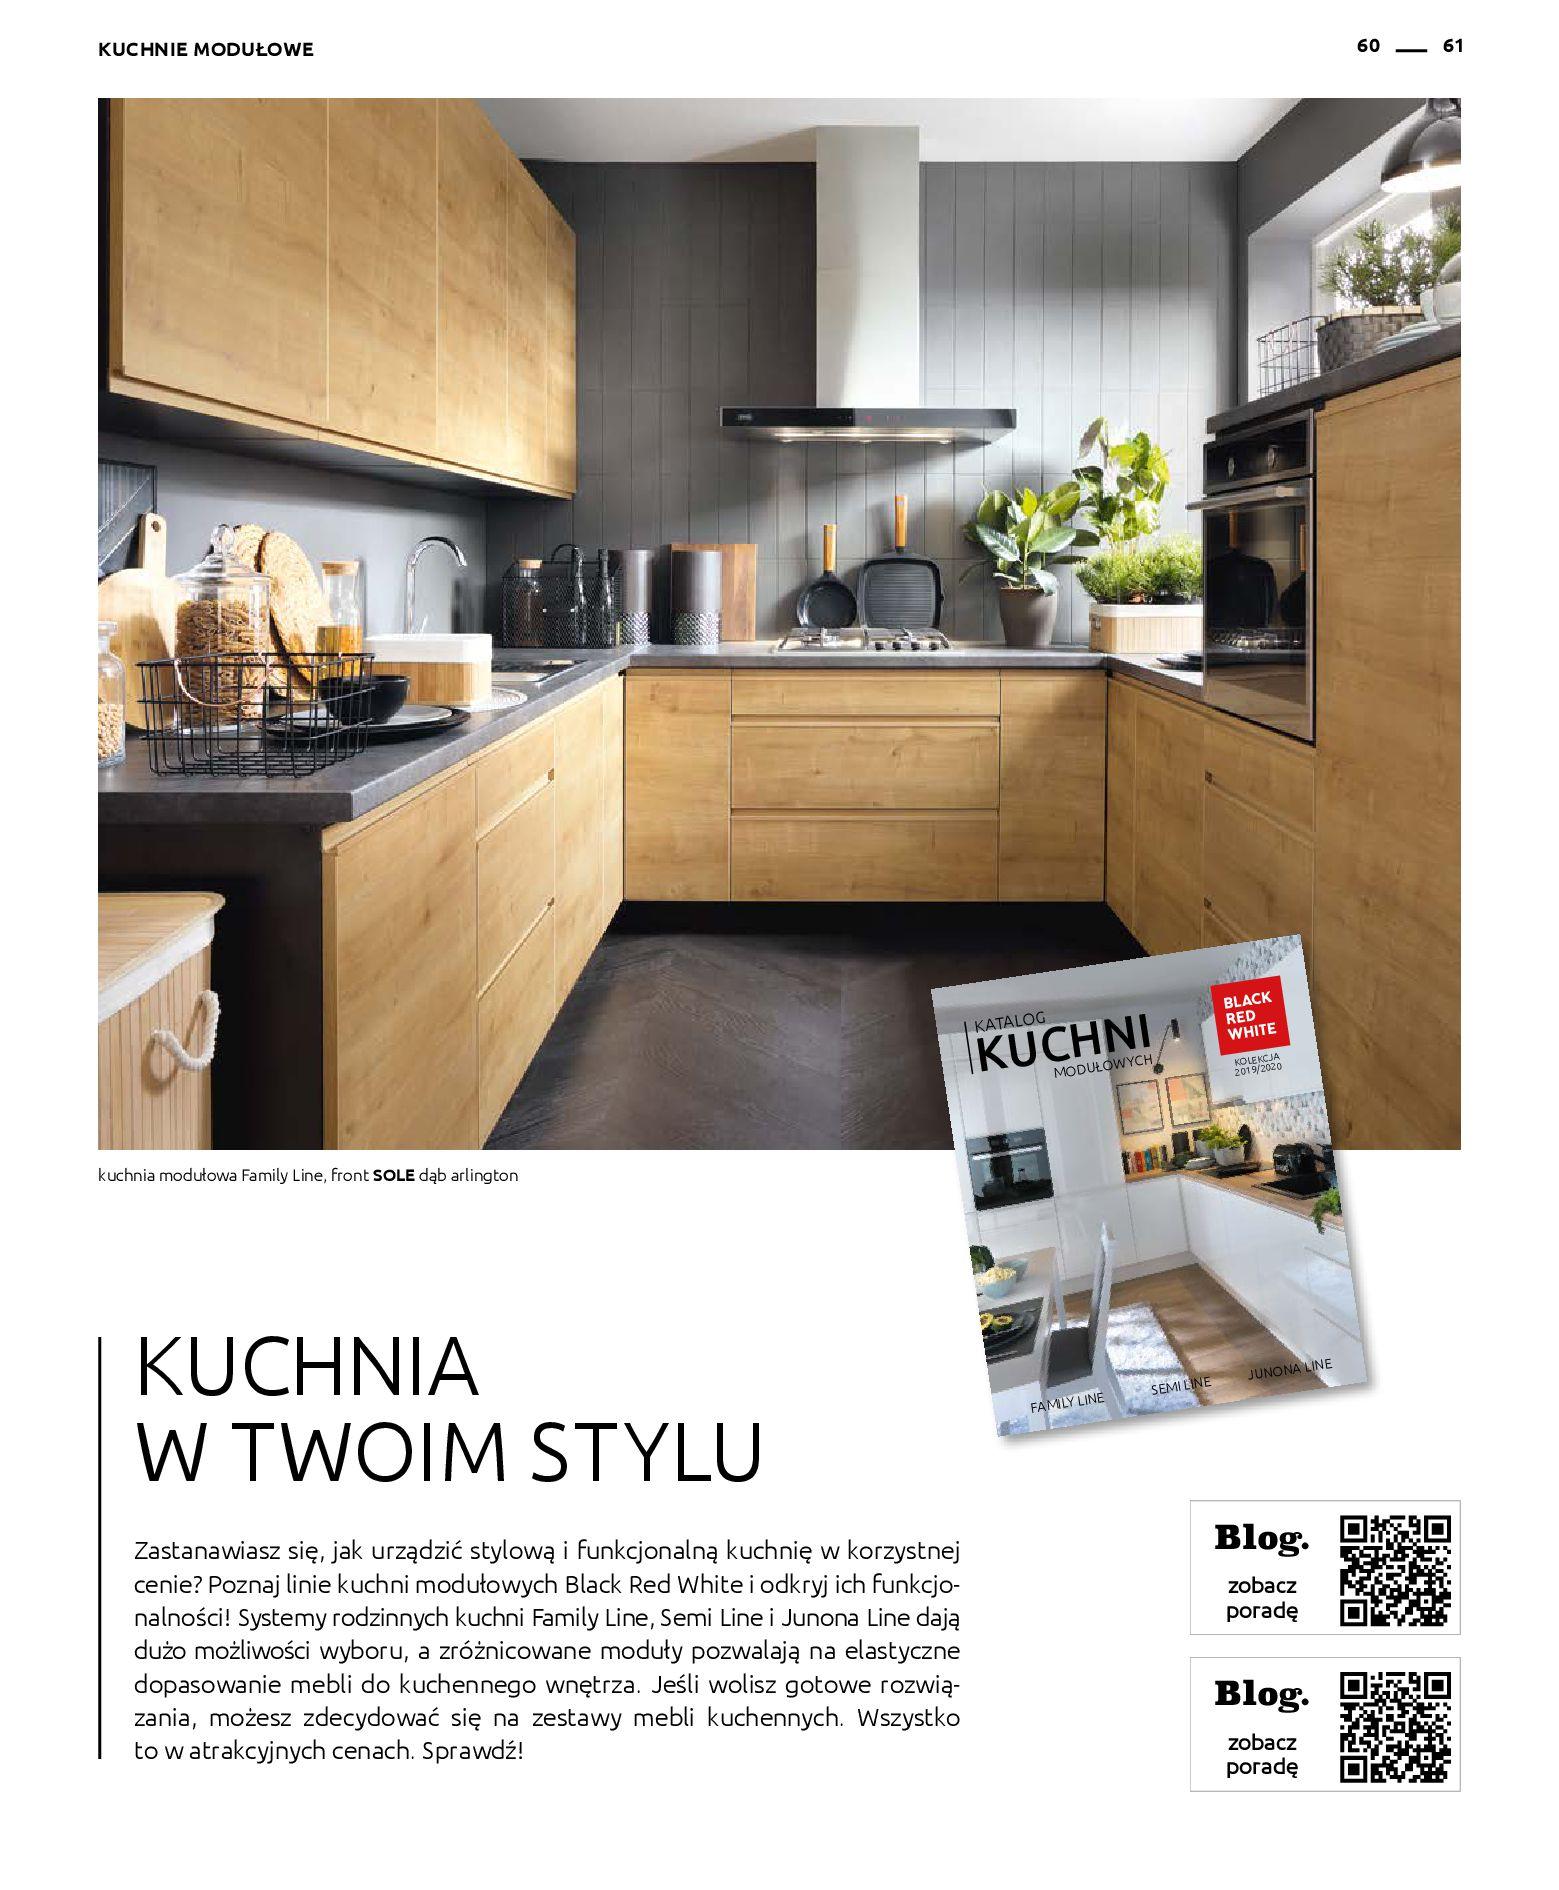 Gazetka Black Red White - Katalog - Rodzinne wnętrza-31.03.2019-31.12.2020-page-61